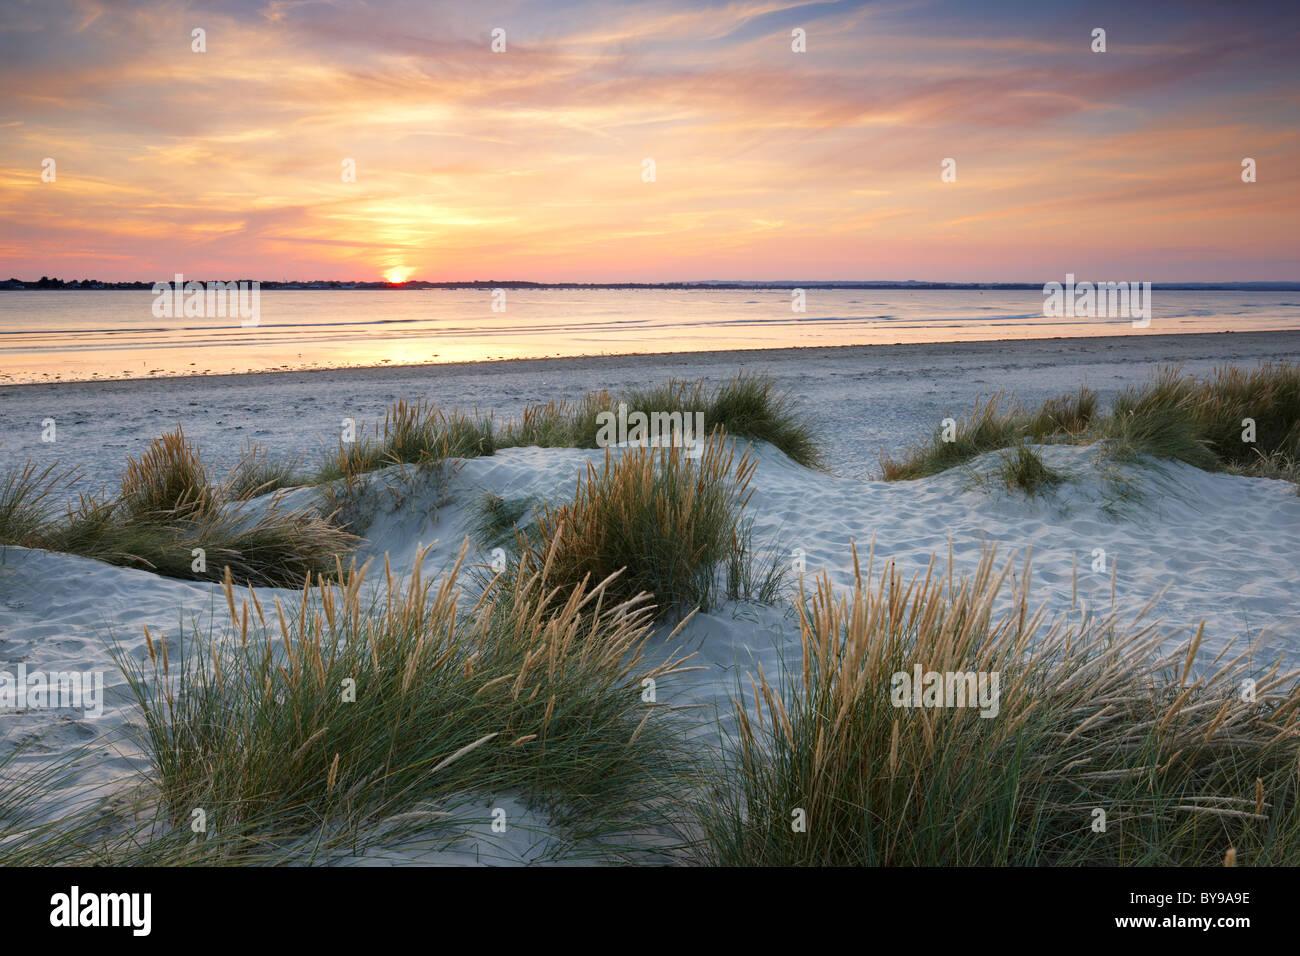 Lumière du soir sur les dunes de sable au chef de l'Est. Une flèche de sable et de galets située à l'entrée de Chichester Harbour Banque D'Images